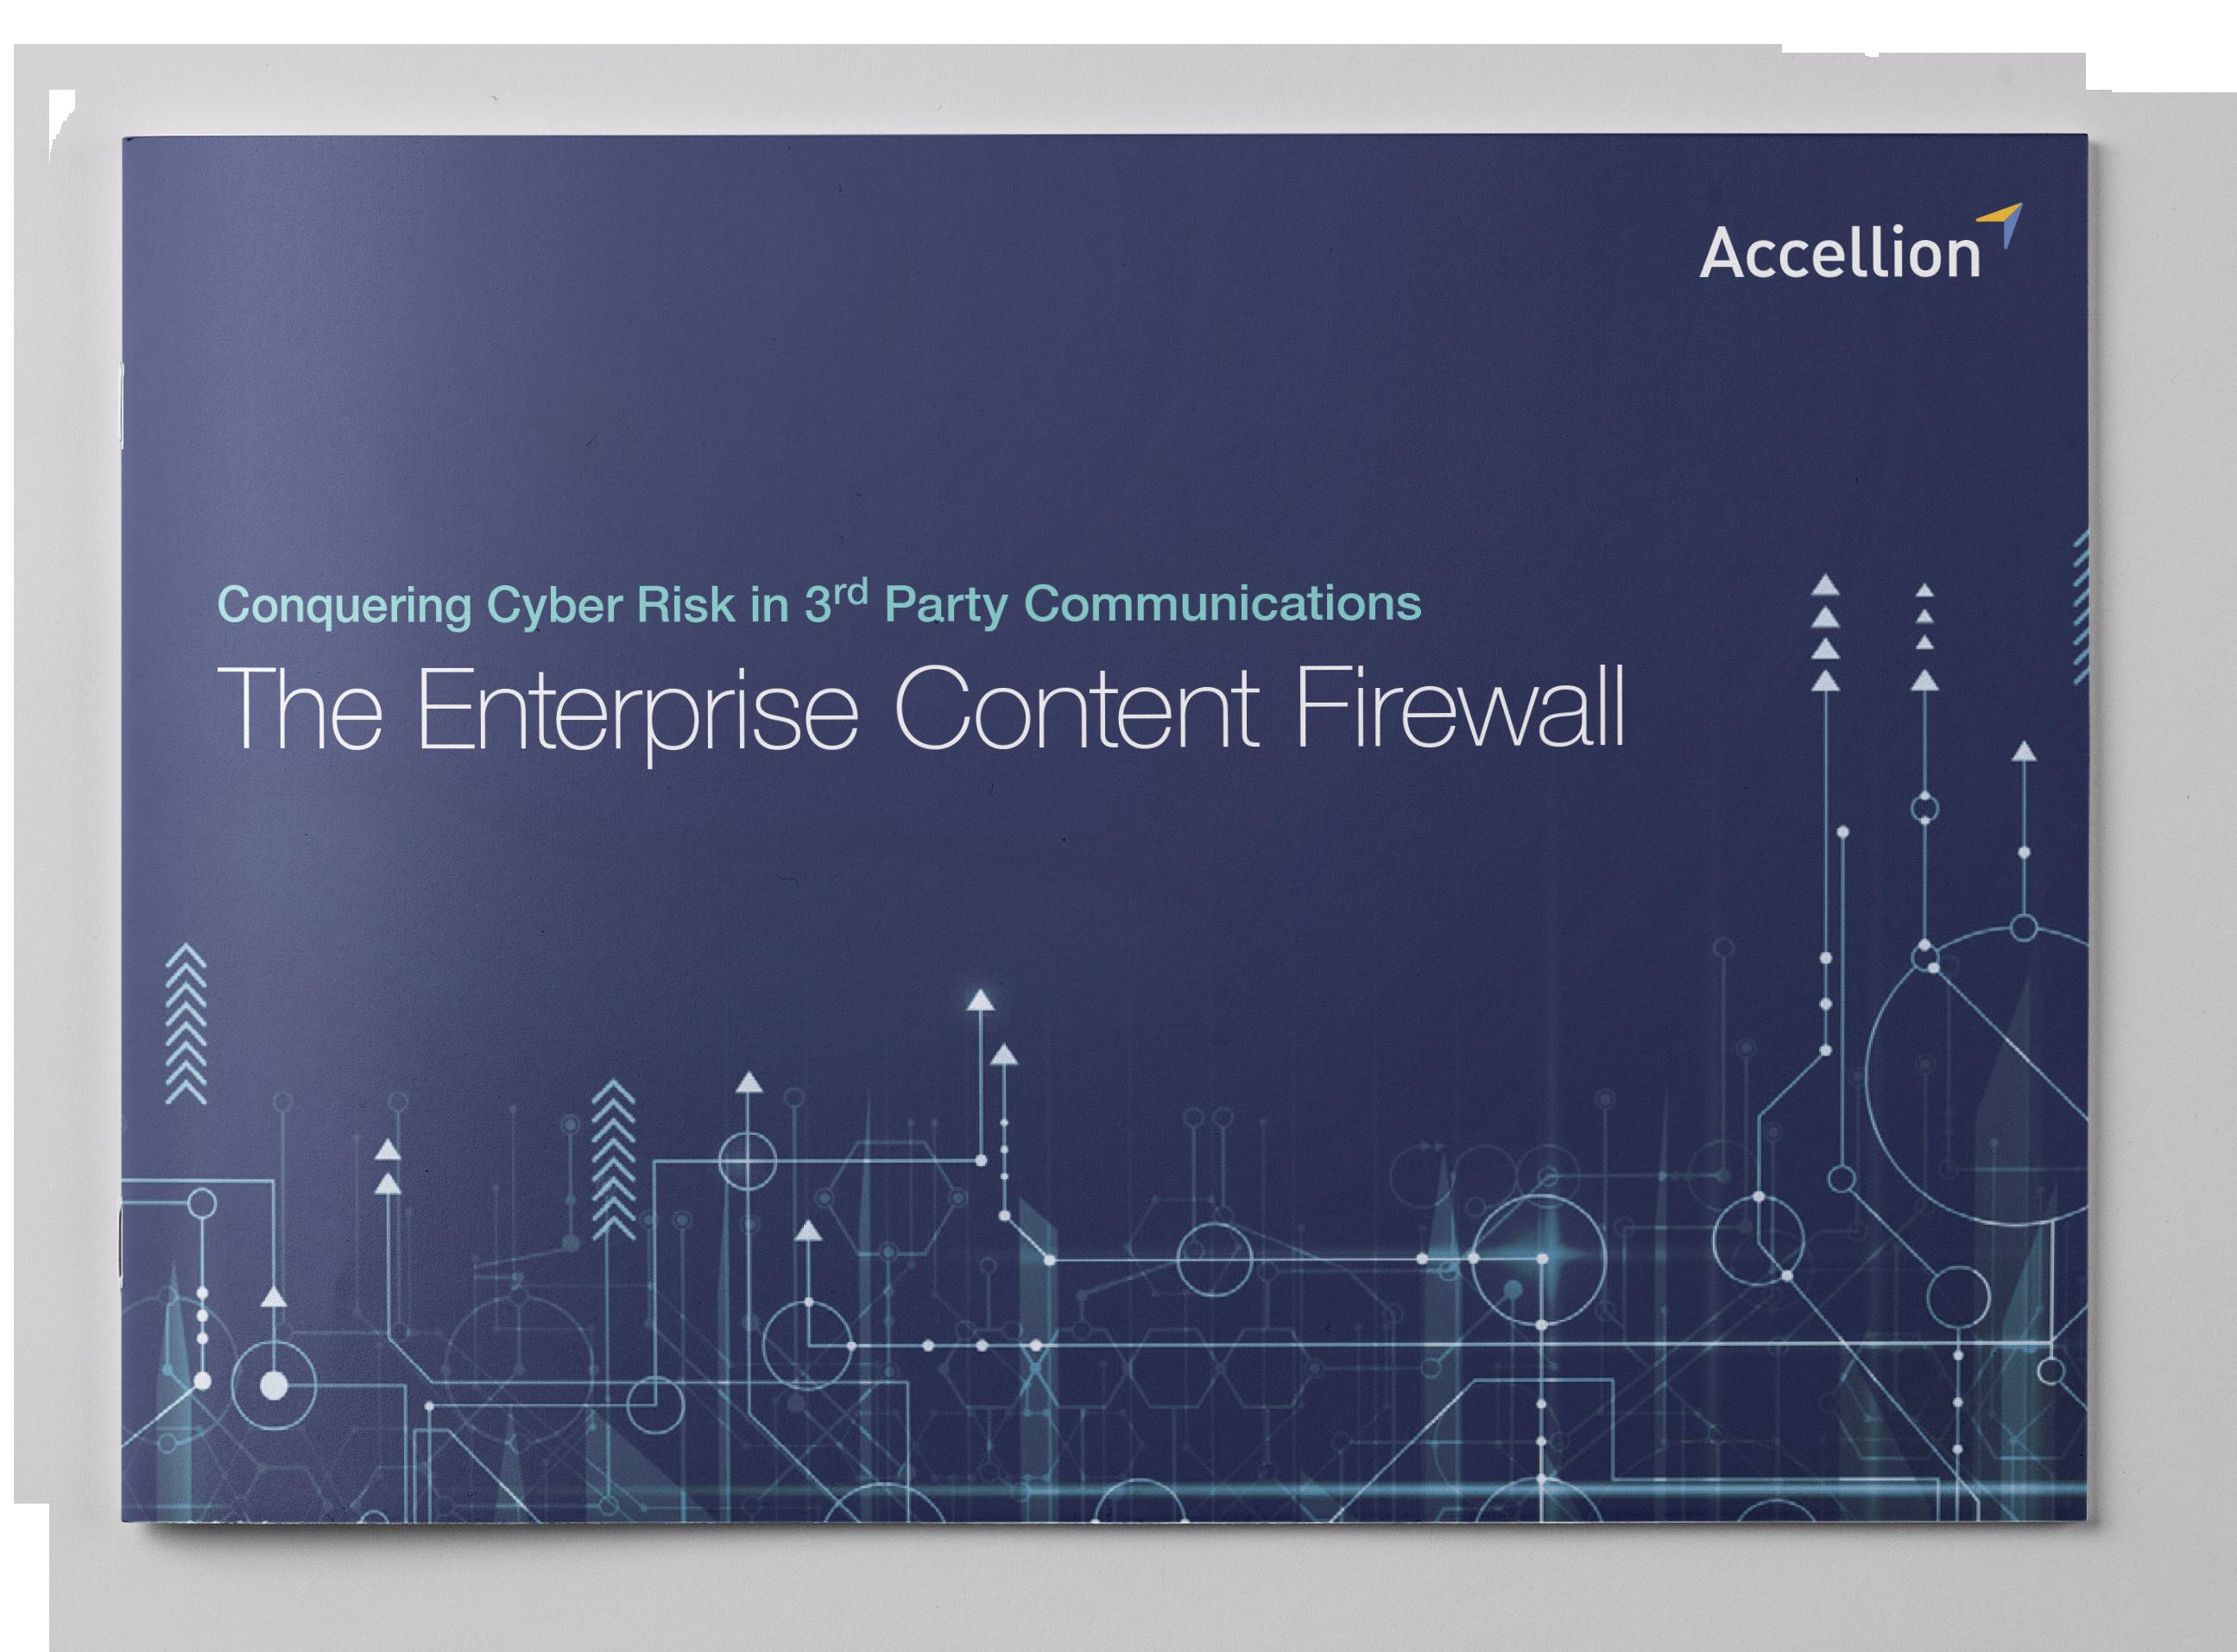 Accellion Enterprise Content Firewall